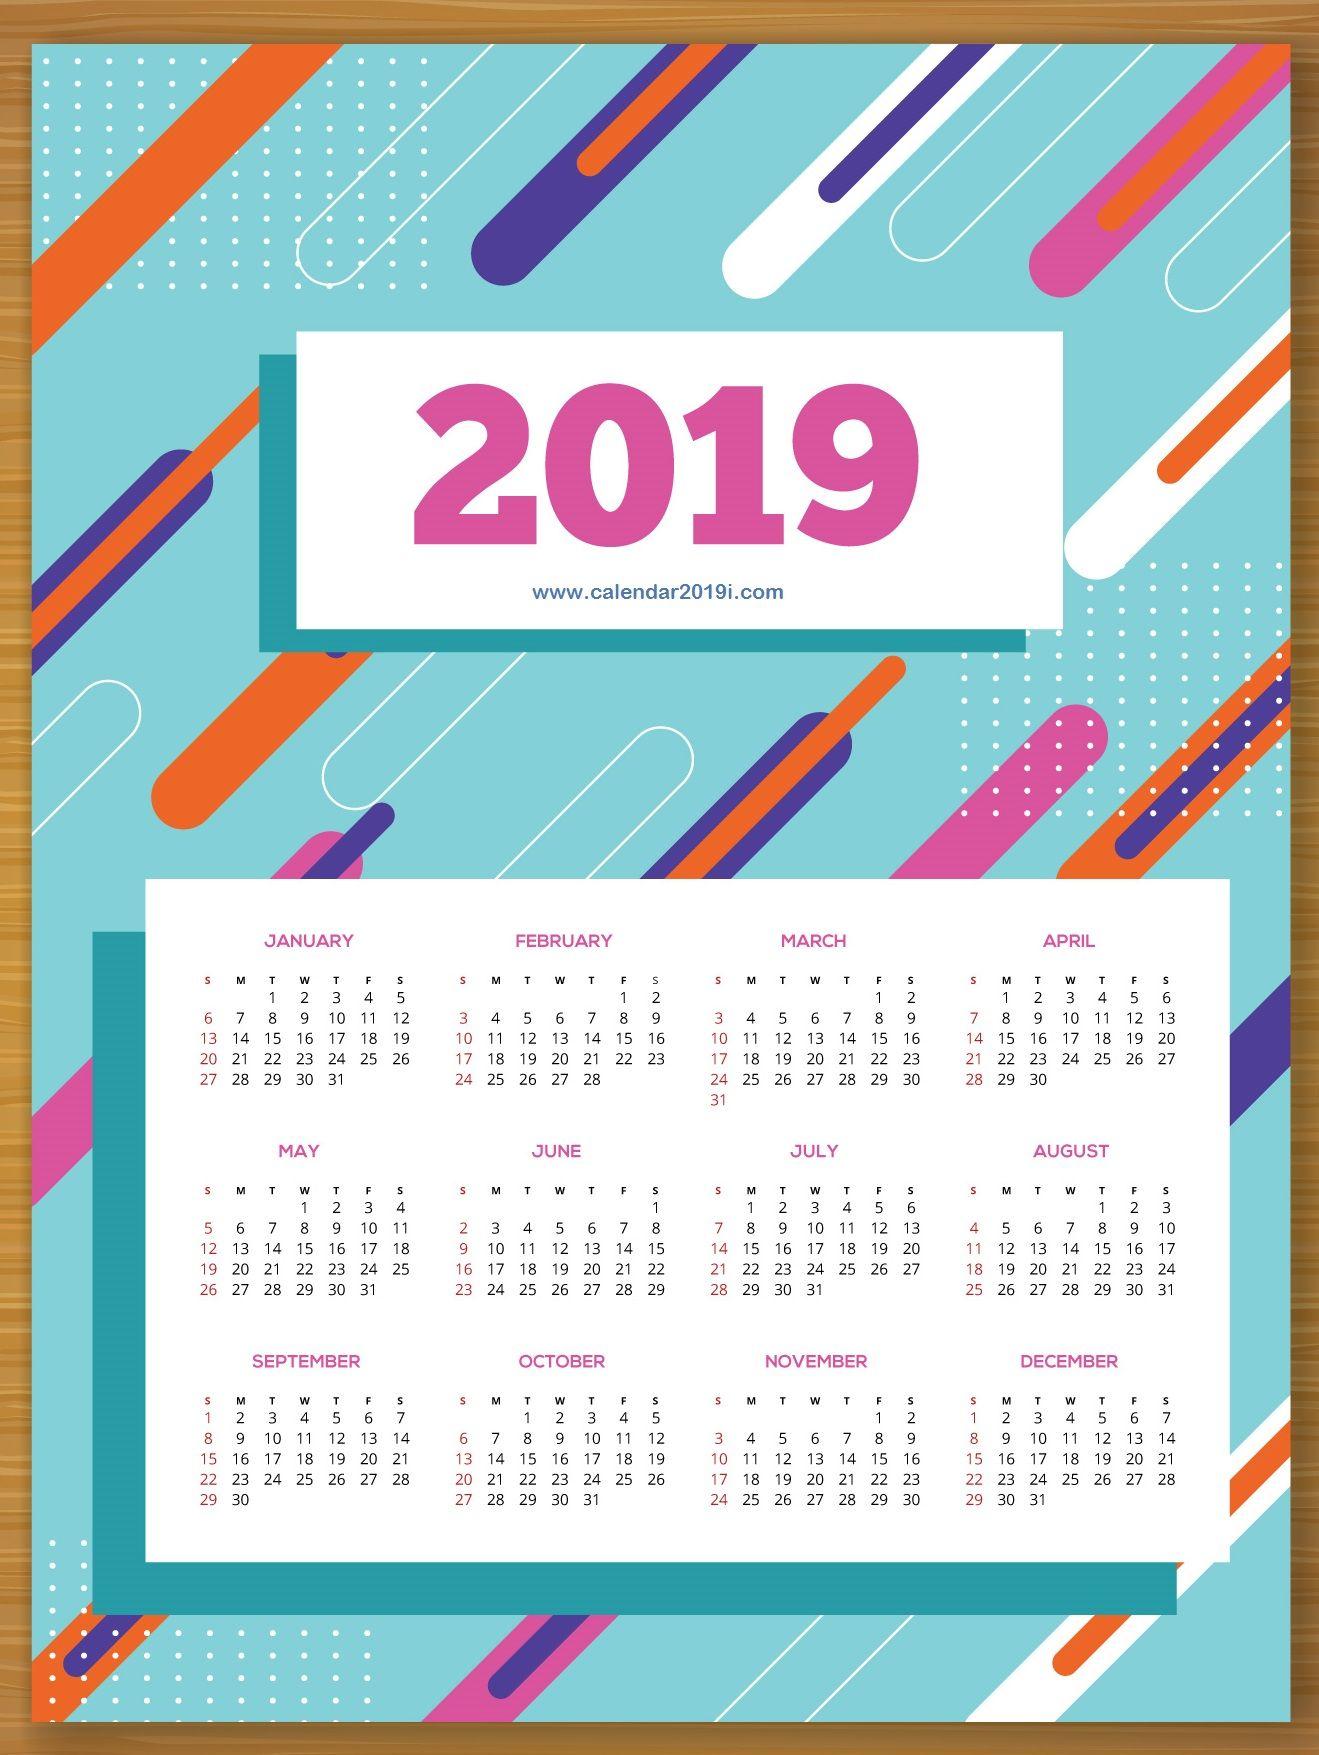 Printable 2019 Wall Calendar Wall Calendar Design Calendar